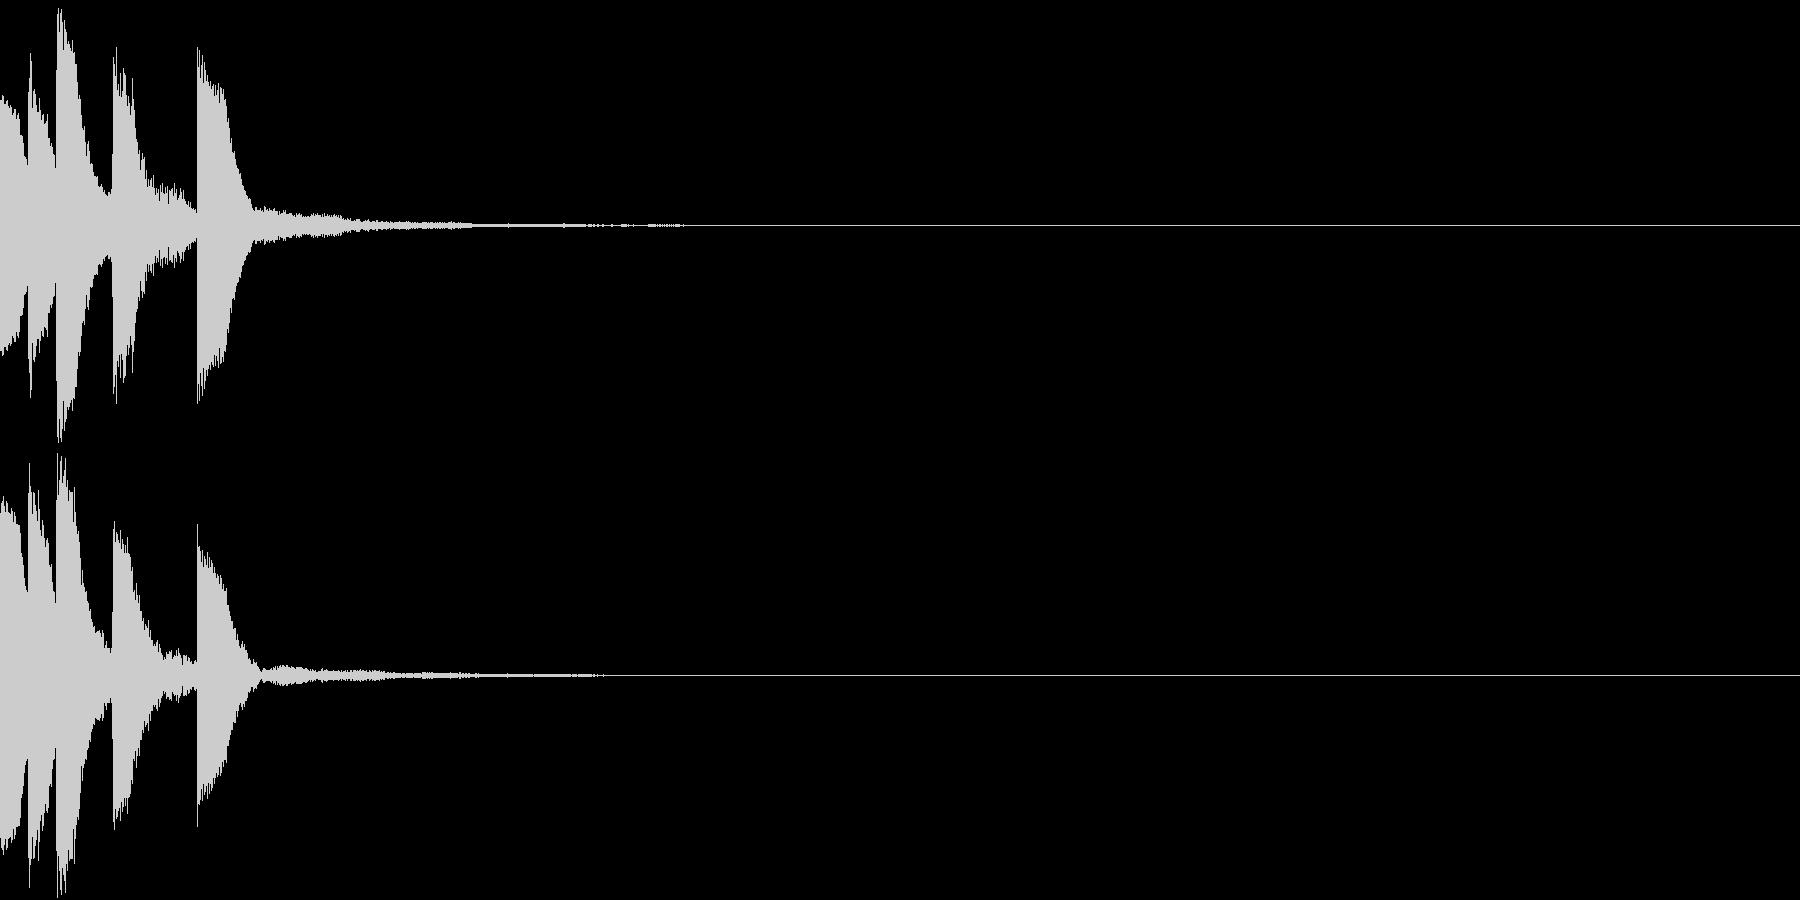 Anime ゆるかわアイキャッチ 1の未再生の波形